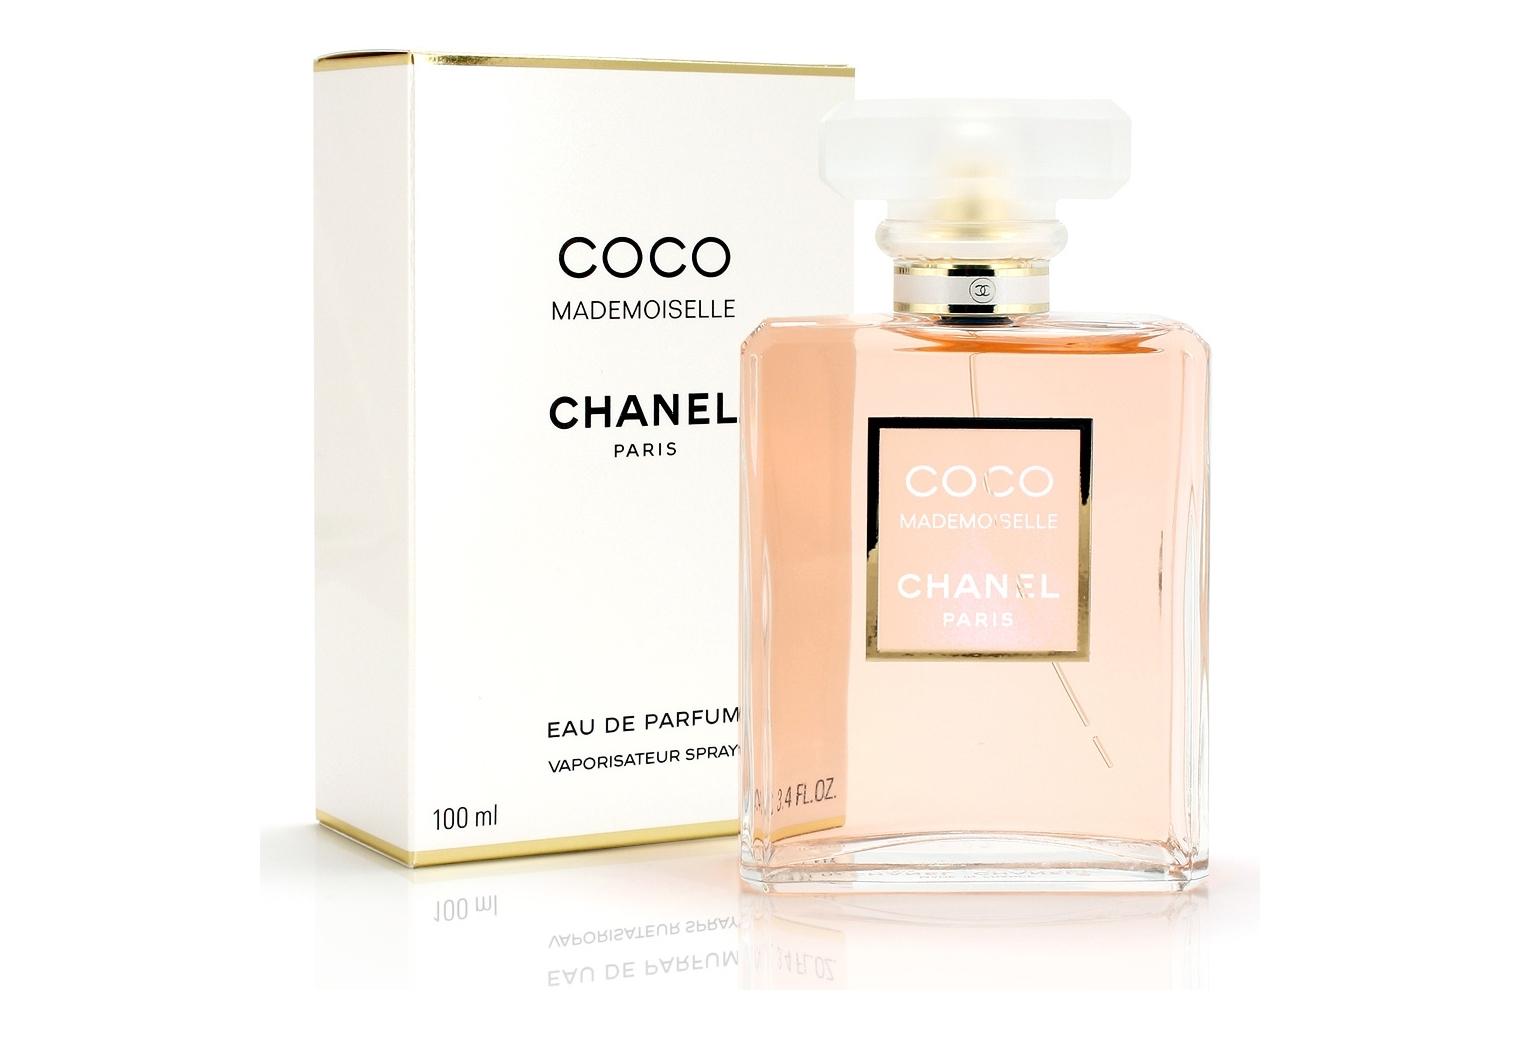 Сhanel coco mademoiselle-выражение женственности, искрящийся аромат, созданный для изящной и чувственной женщины. Аромат молодости и красоты, женственности и стиля, он пленяет, чарует и оставляет безоружным, позволяет женщине чувствовать себя красивой, уверенной и счастливой. Это воплощение женщины Chanel, которая благородна, изысканна, элегантна и оригинальна в своих поступках, позволяя продемонстрировать безупречный вкус и чувство прекрасного.